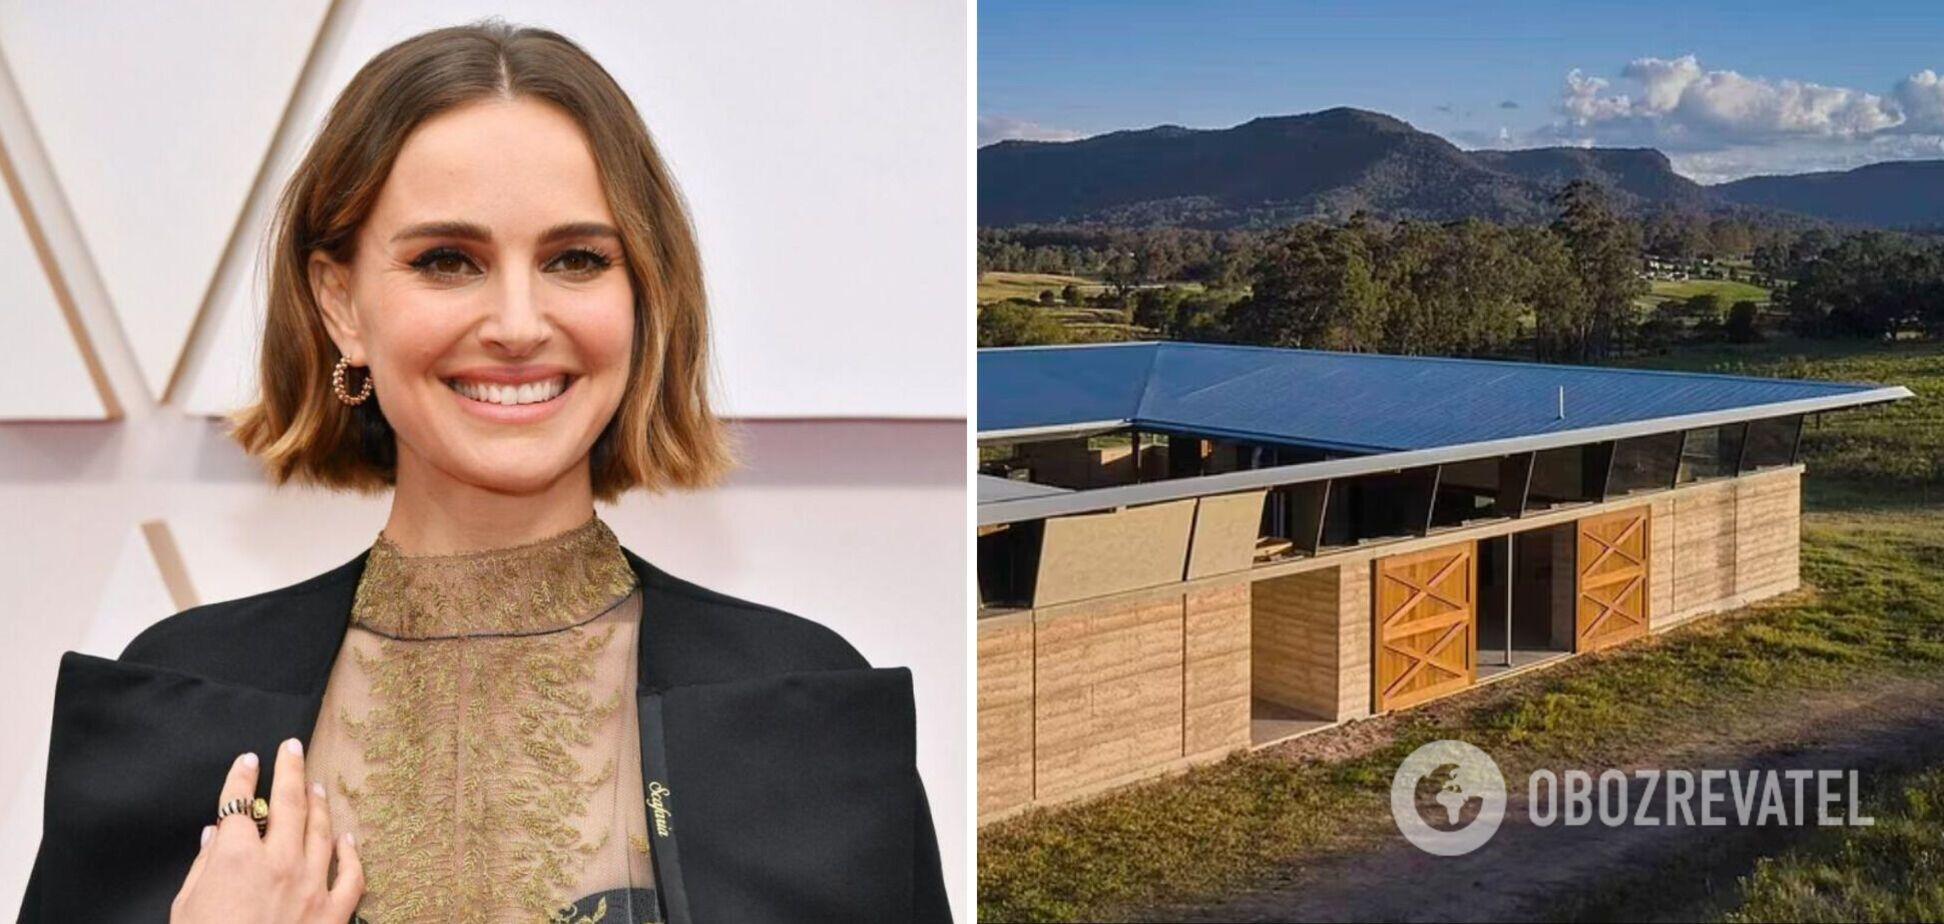 Наталі Портман зібралася купувати будинок за $3 млн